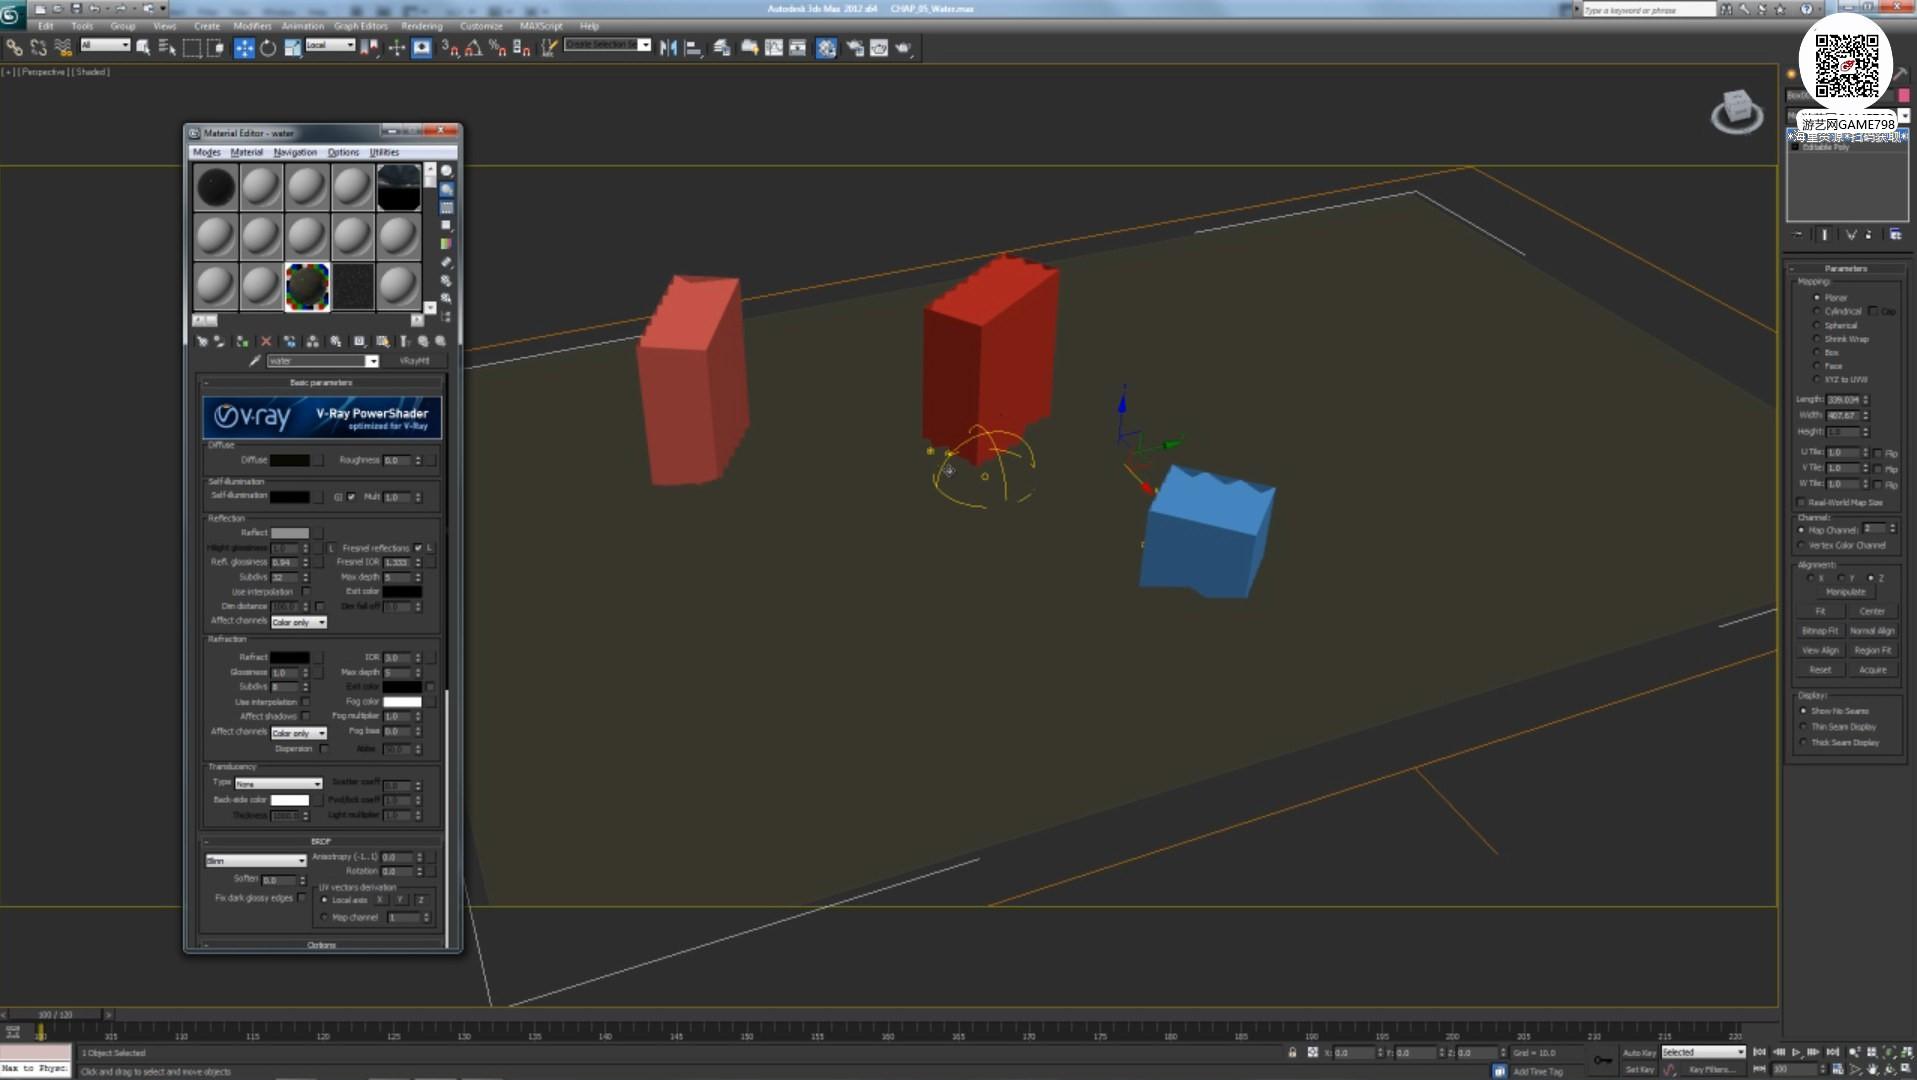 013_关注-游艺网GAME798海量资源下载【视频教程】超写实场景设定制作流程.jpg